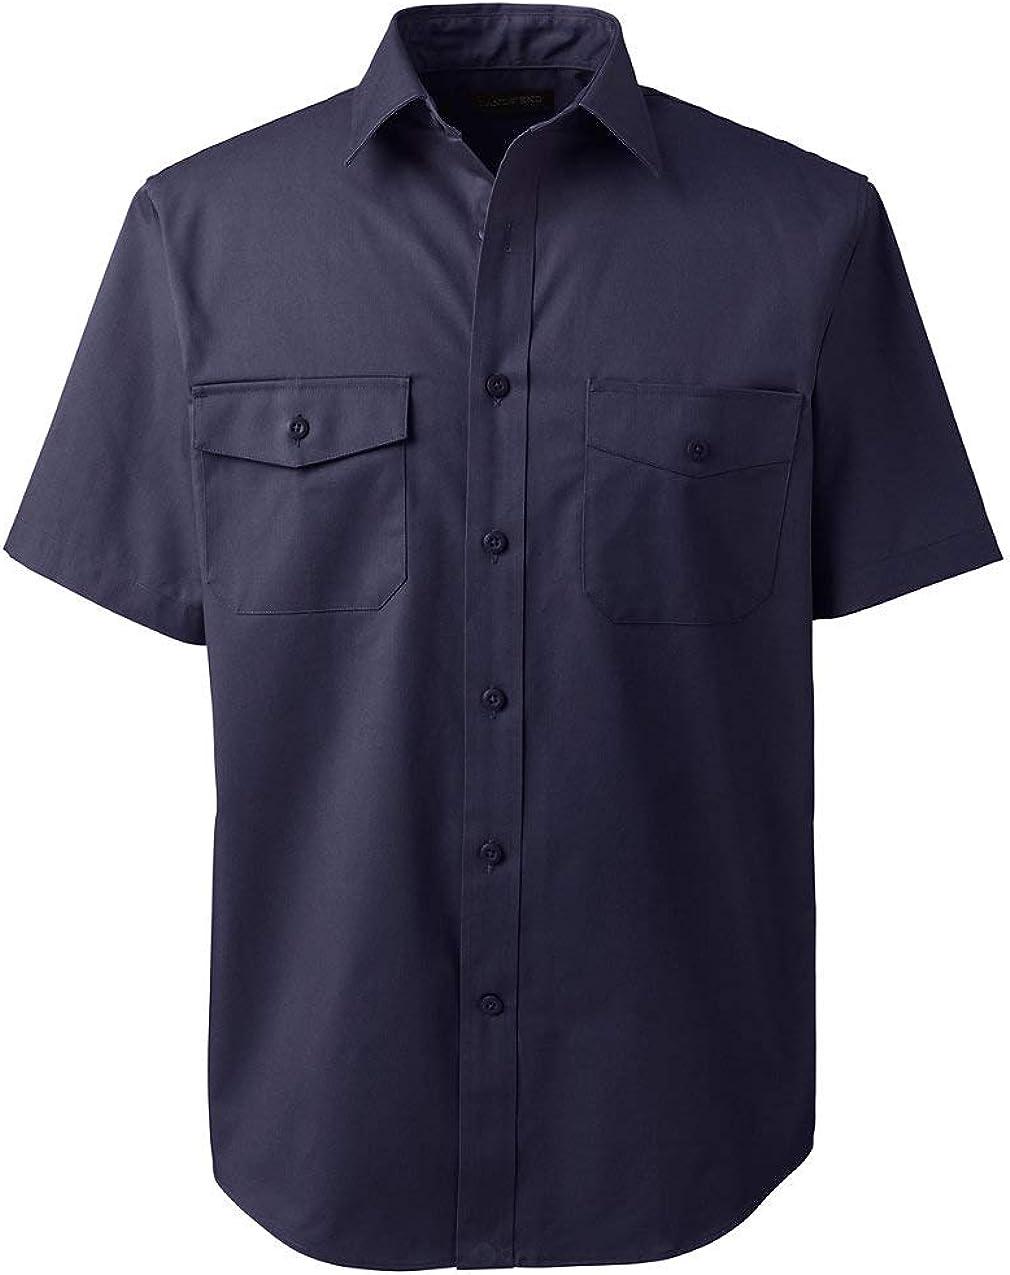 Lands' End Men's Short Sleeve Straight Collar Work Shirt